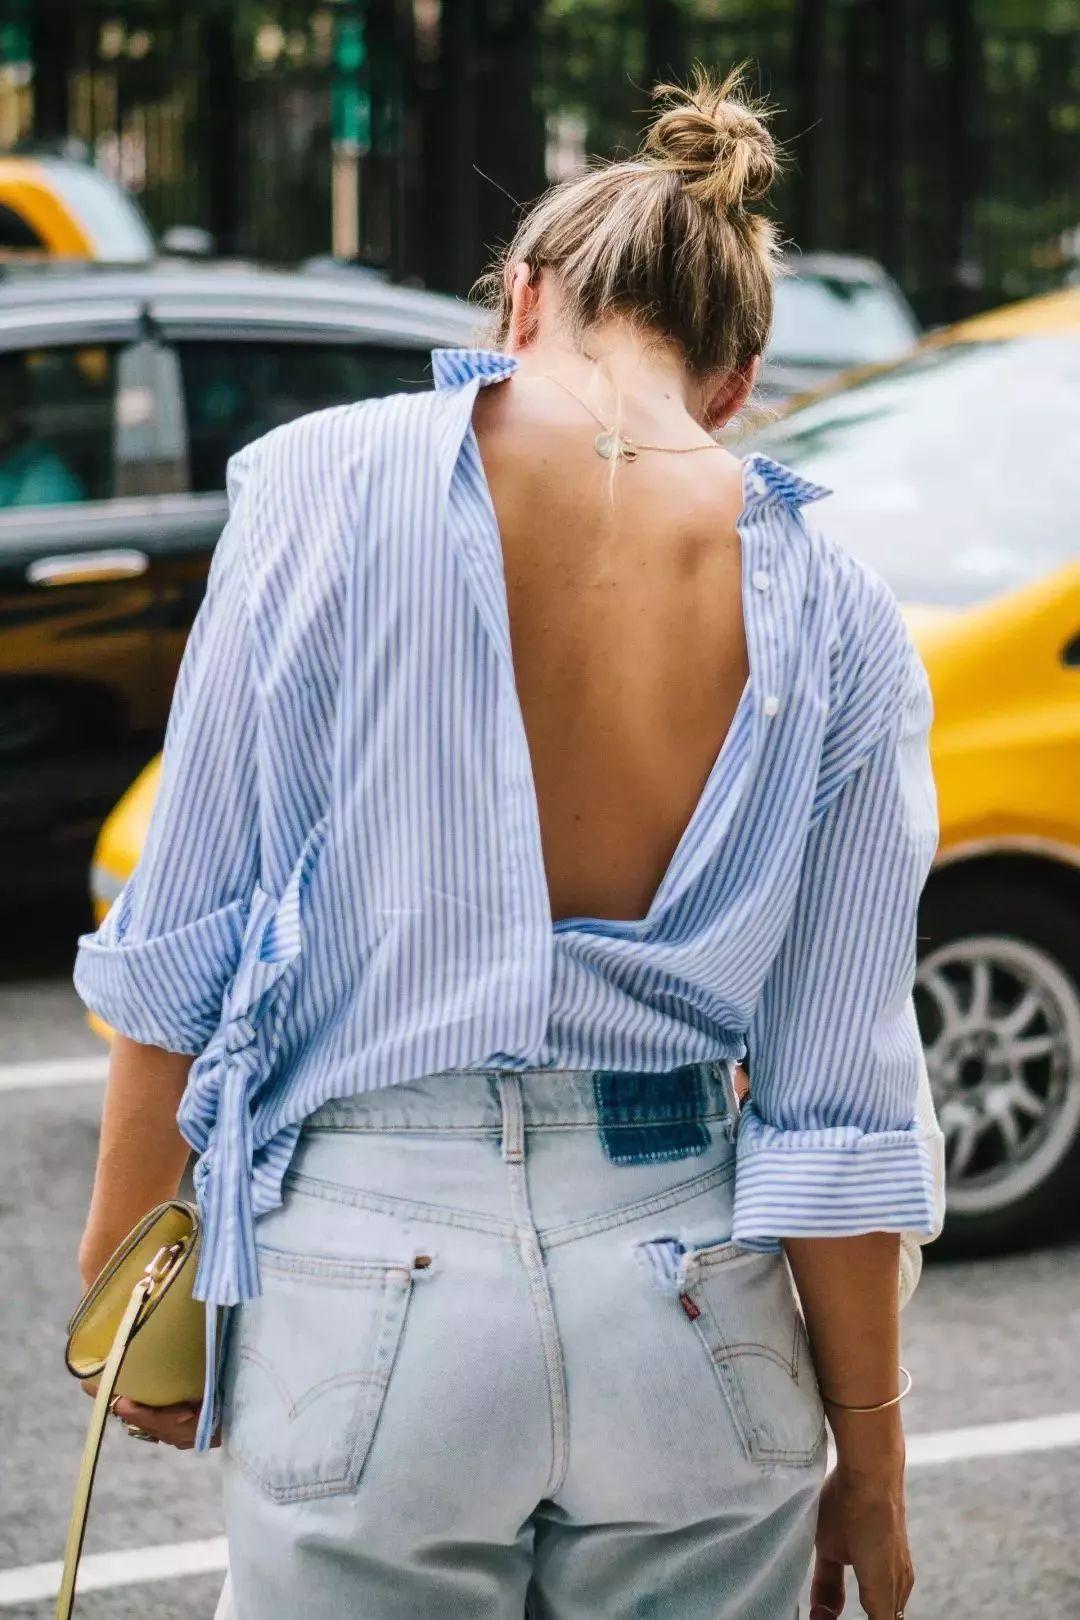 90%的女人内衣都穿错了?!有你吗?